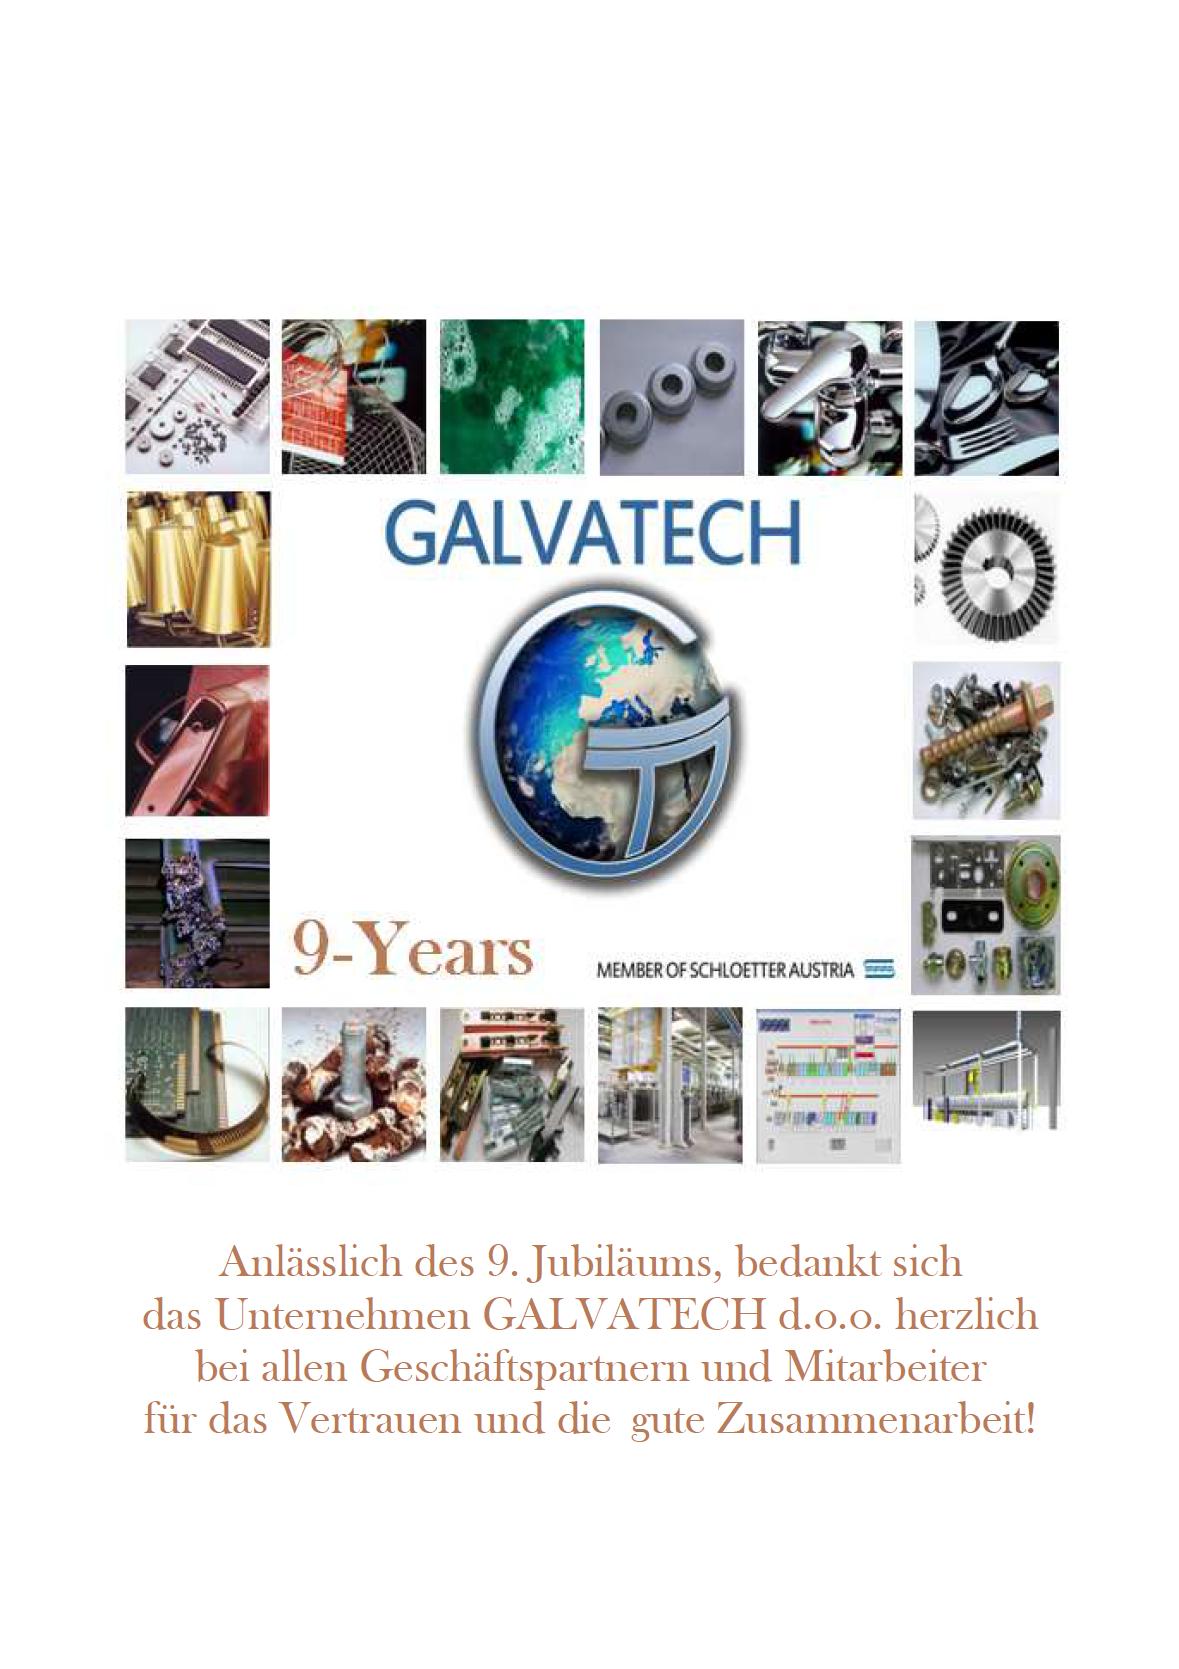 D_GALVATECH_2020-03-15_9-Jubiläum-Deutsch